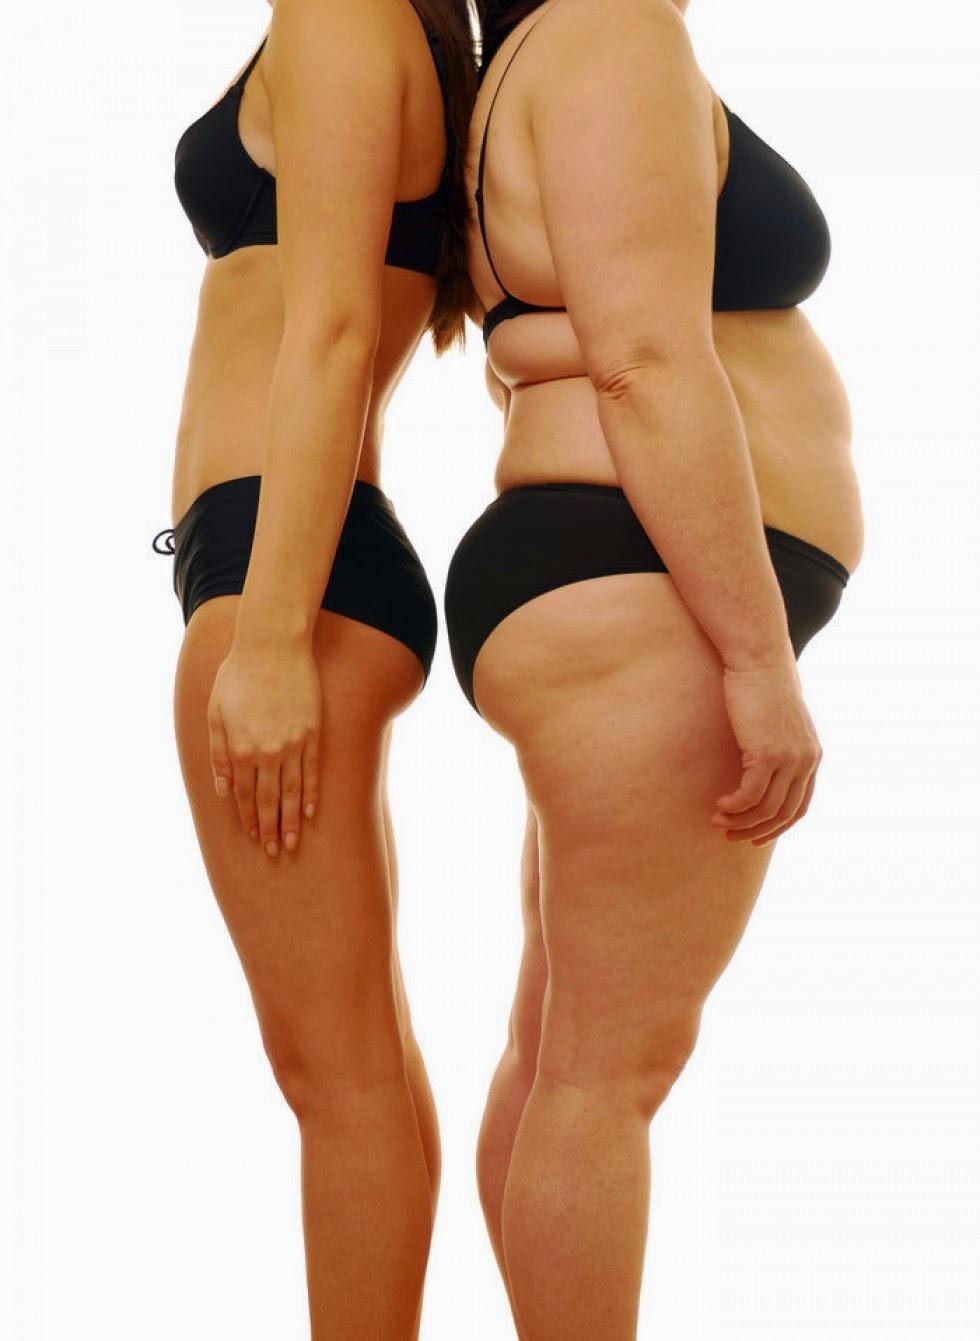 Mejora tu físico y salud